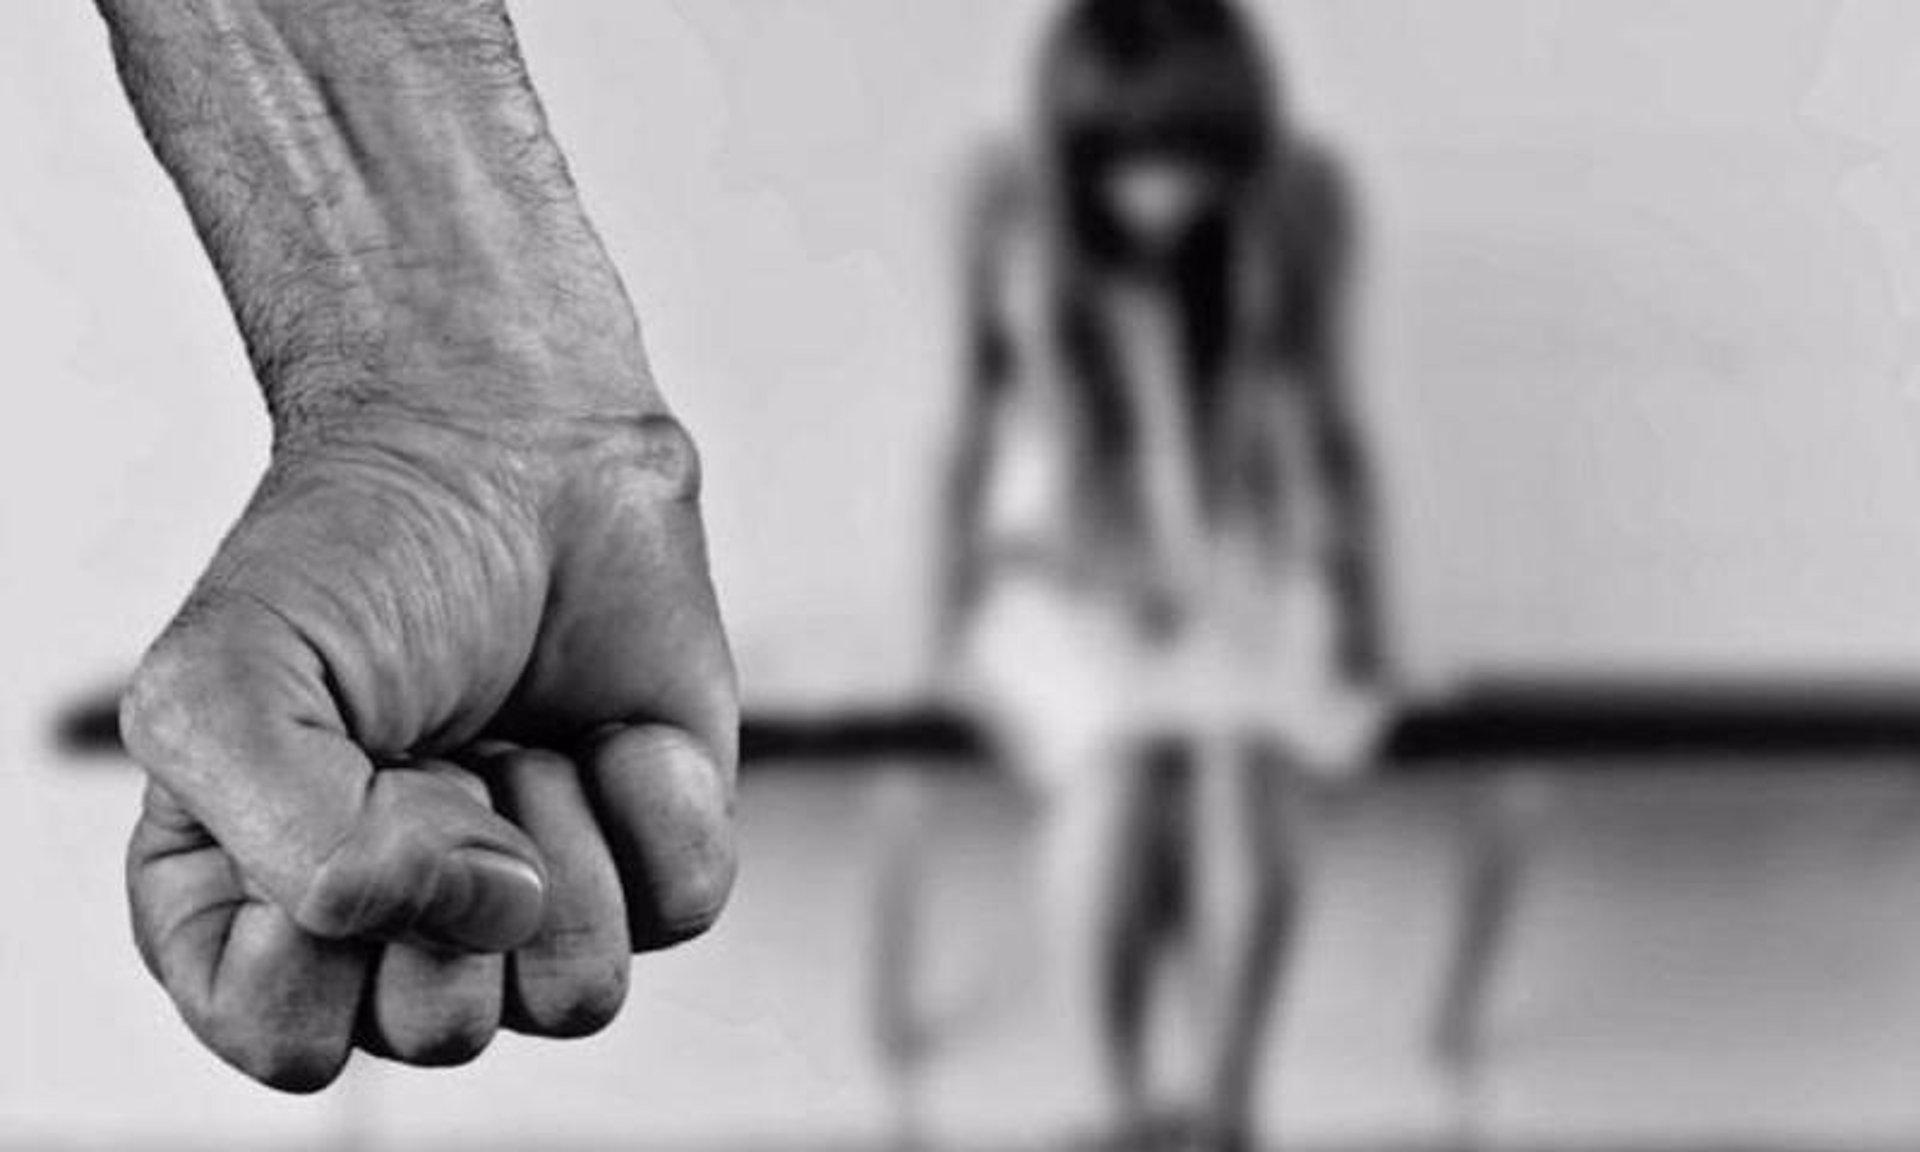 Los juzgados andaluces registran en el segundo trimestre un 22,7% más de denuncias por violencia de género que en 2020